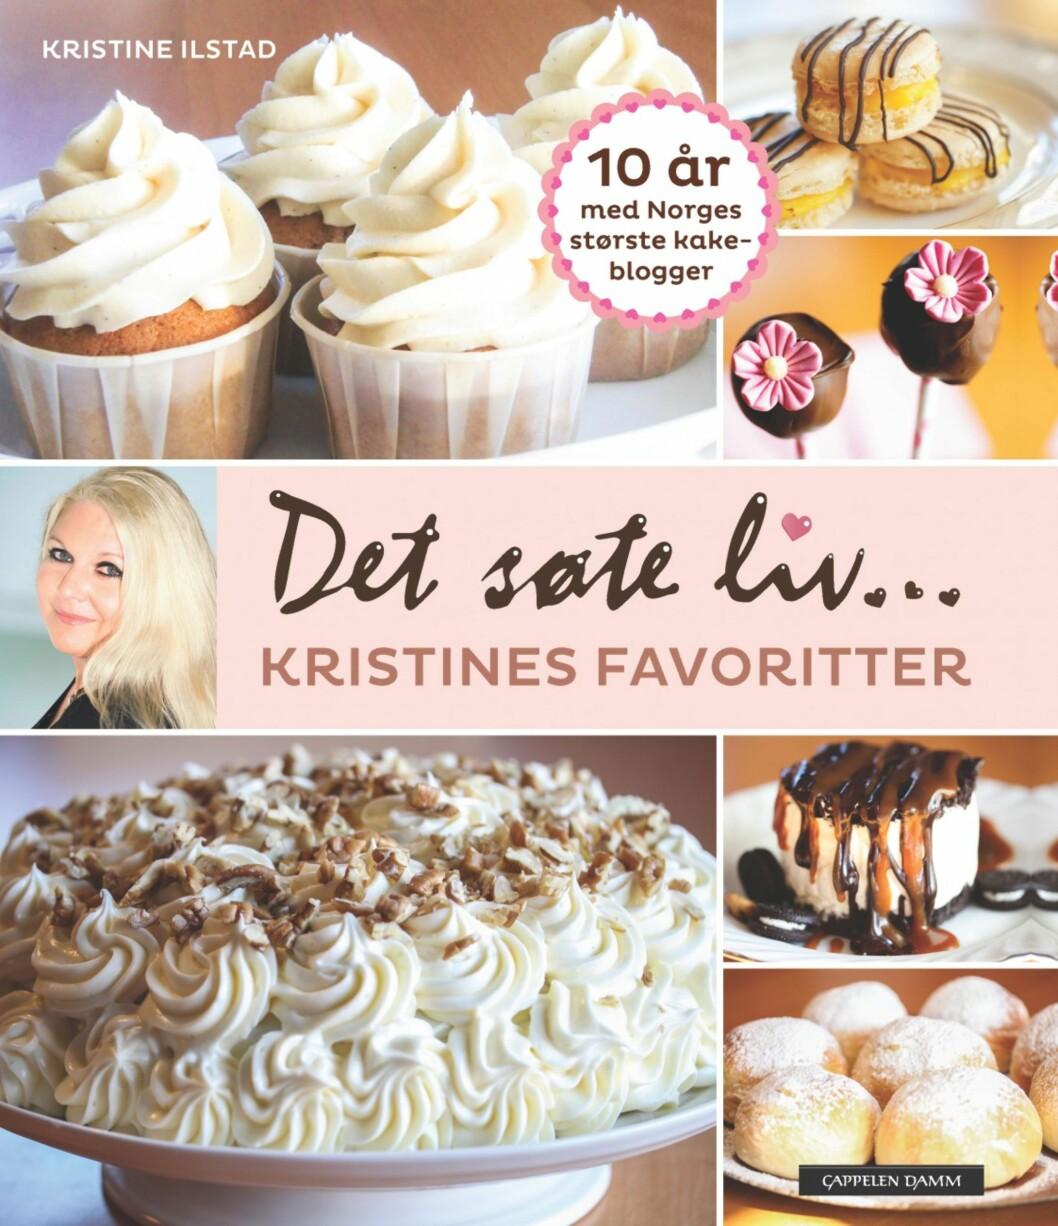 """""""Det søte liv: Kristines Favoritter"""" av Kristine Ilstad, kroner 179 på Ark.no.  Foto: Produsenten"""